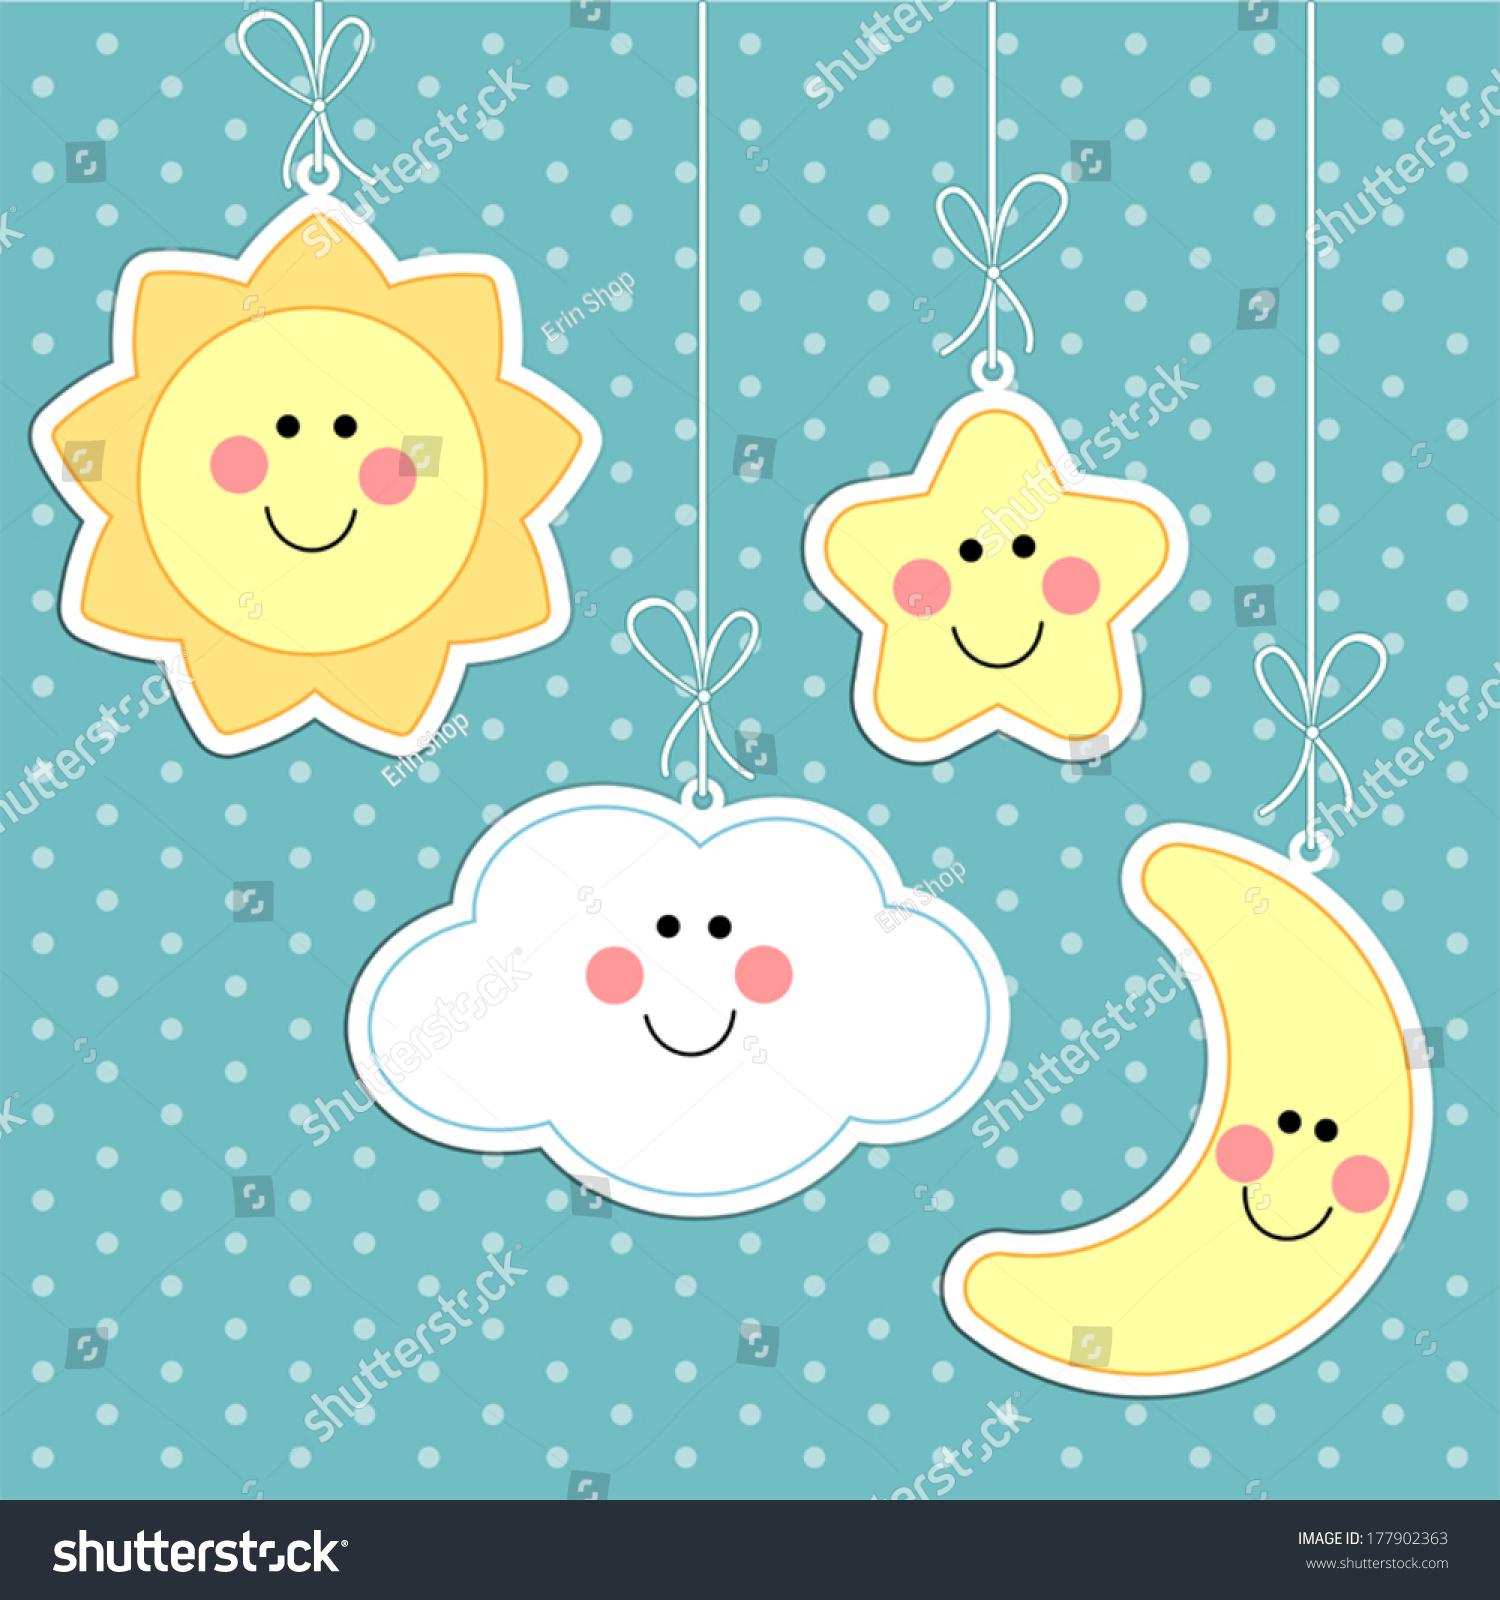 Cute Sun Cloud Star Moon On Stock Vector